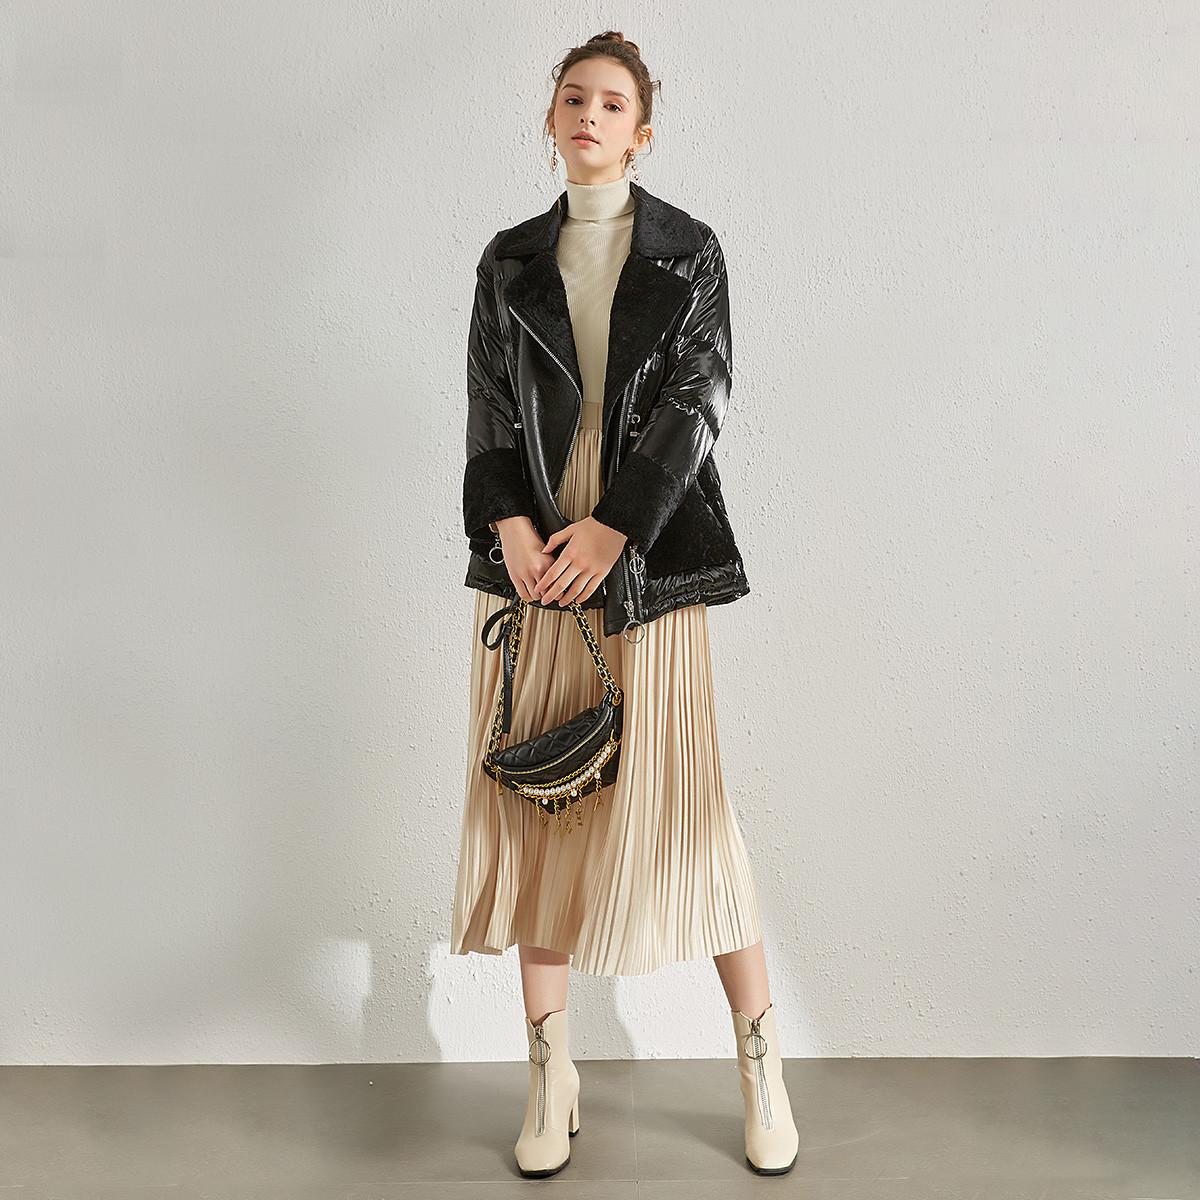 KAISASEGA羊毛皮毛一体外套女拼接皮草羽绒服中长款2019新款宽松真皮皮衣KS-X558903